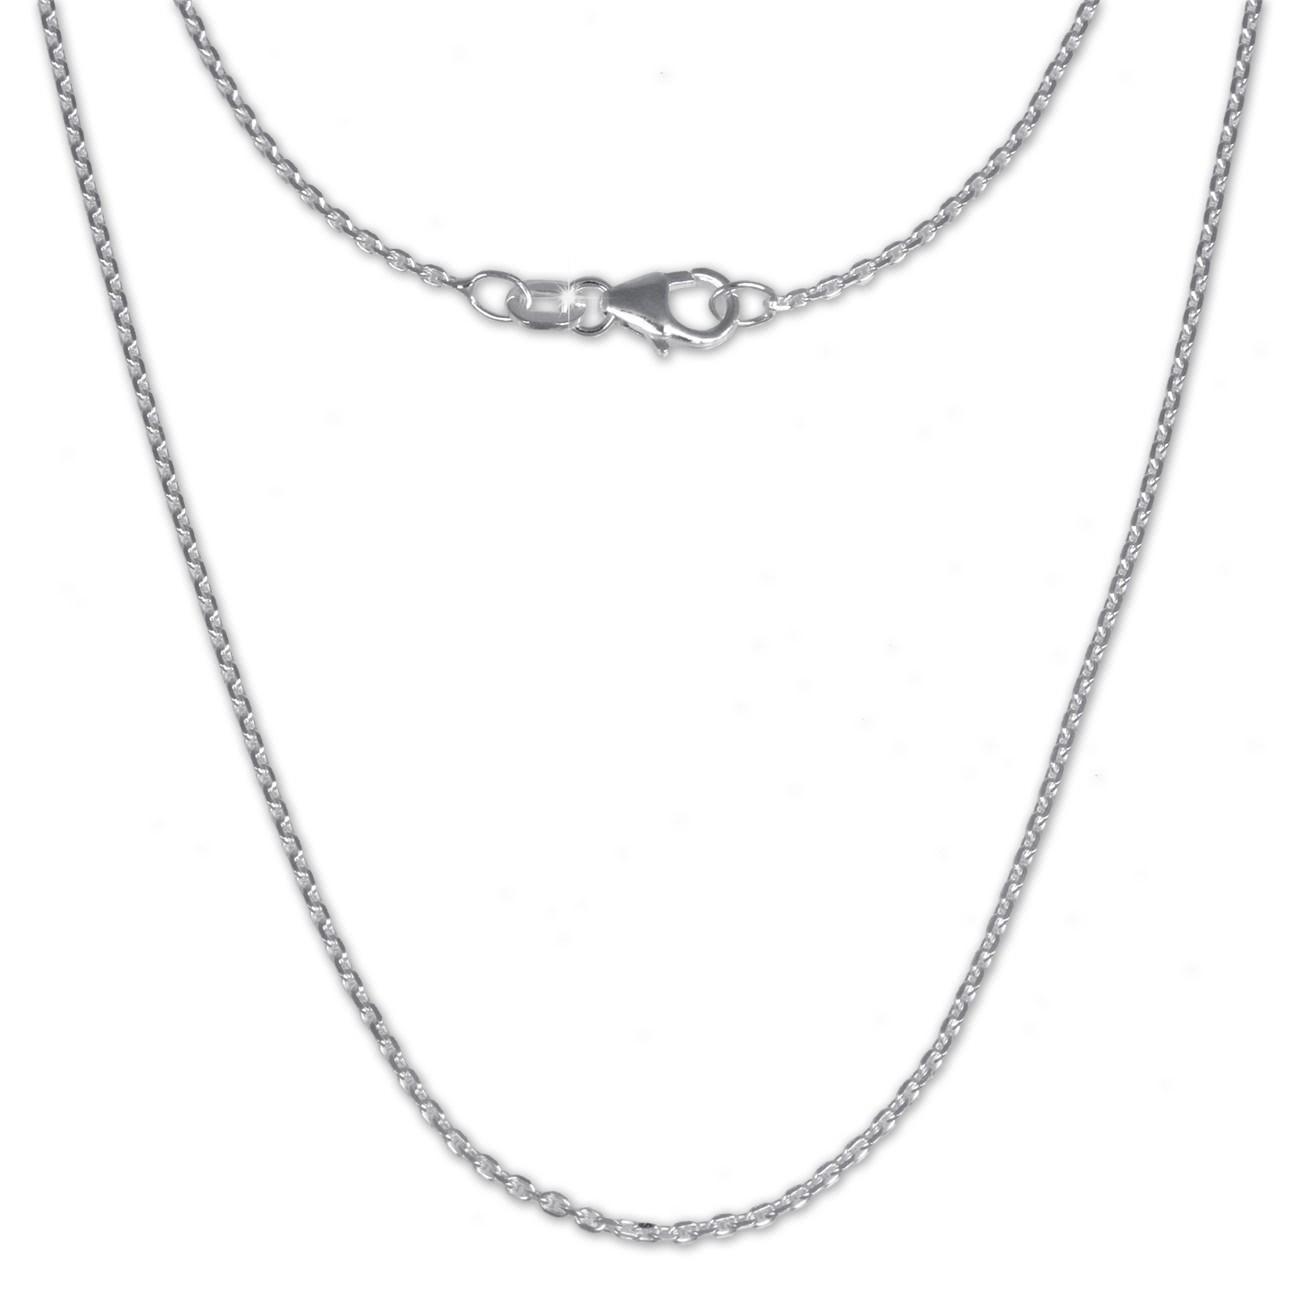 SilberDream Ankerkette fein 925er Silber Halskette 70cm Kette SDK21170